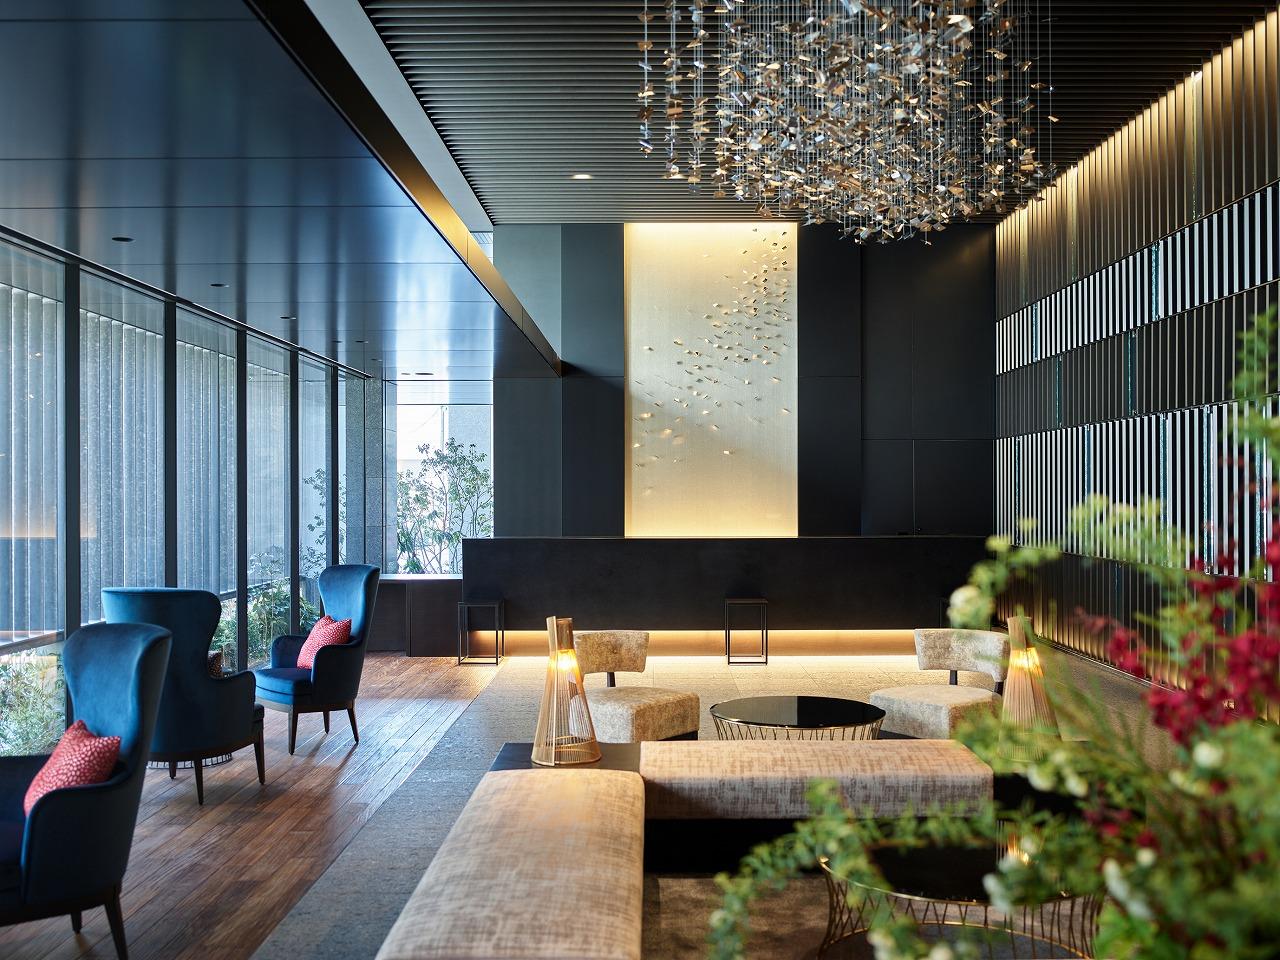 川端 三井 ガーデン ホテル 中洲